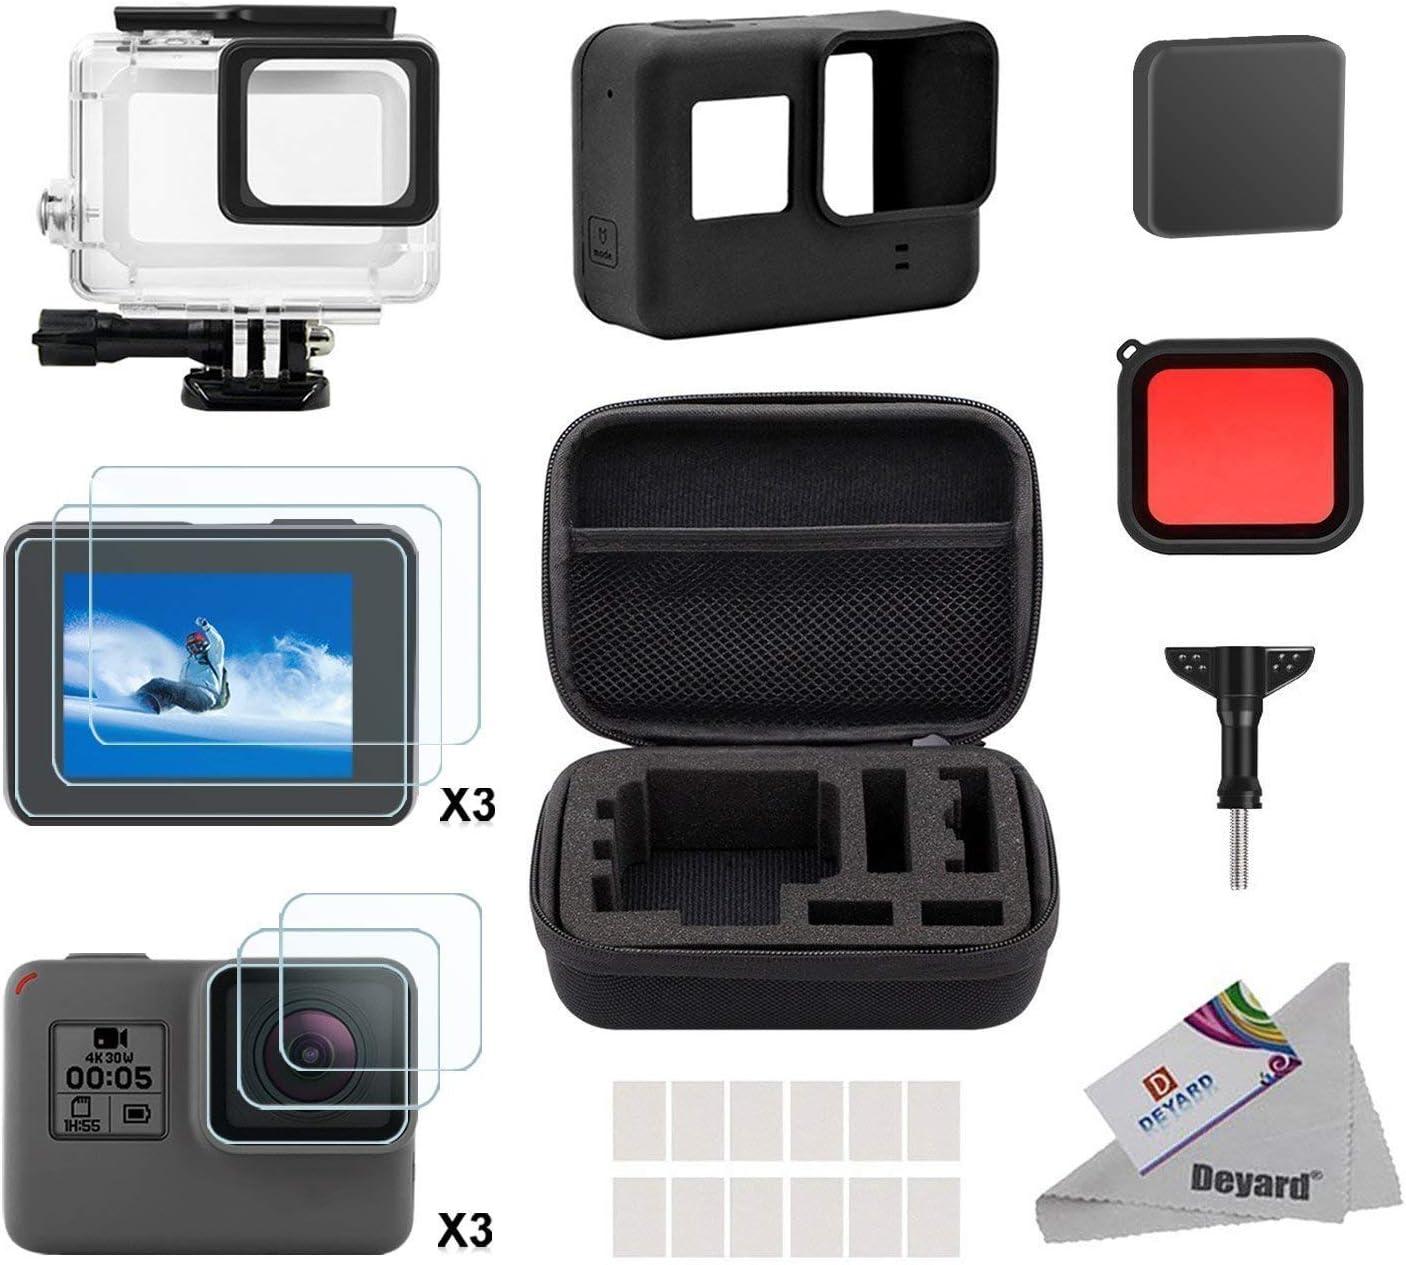 Deyard Kit de Accesorios para GoPro Hero 7(Sólo negro) Hero (2018), GoPro Hero 6 y Hero 5 Action Camera, 25 artículos en 1, con Carcasa pequeña a Prueba de Golpes